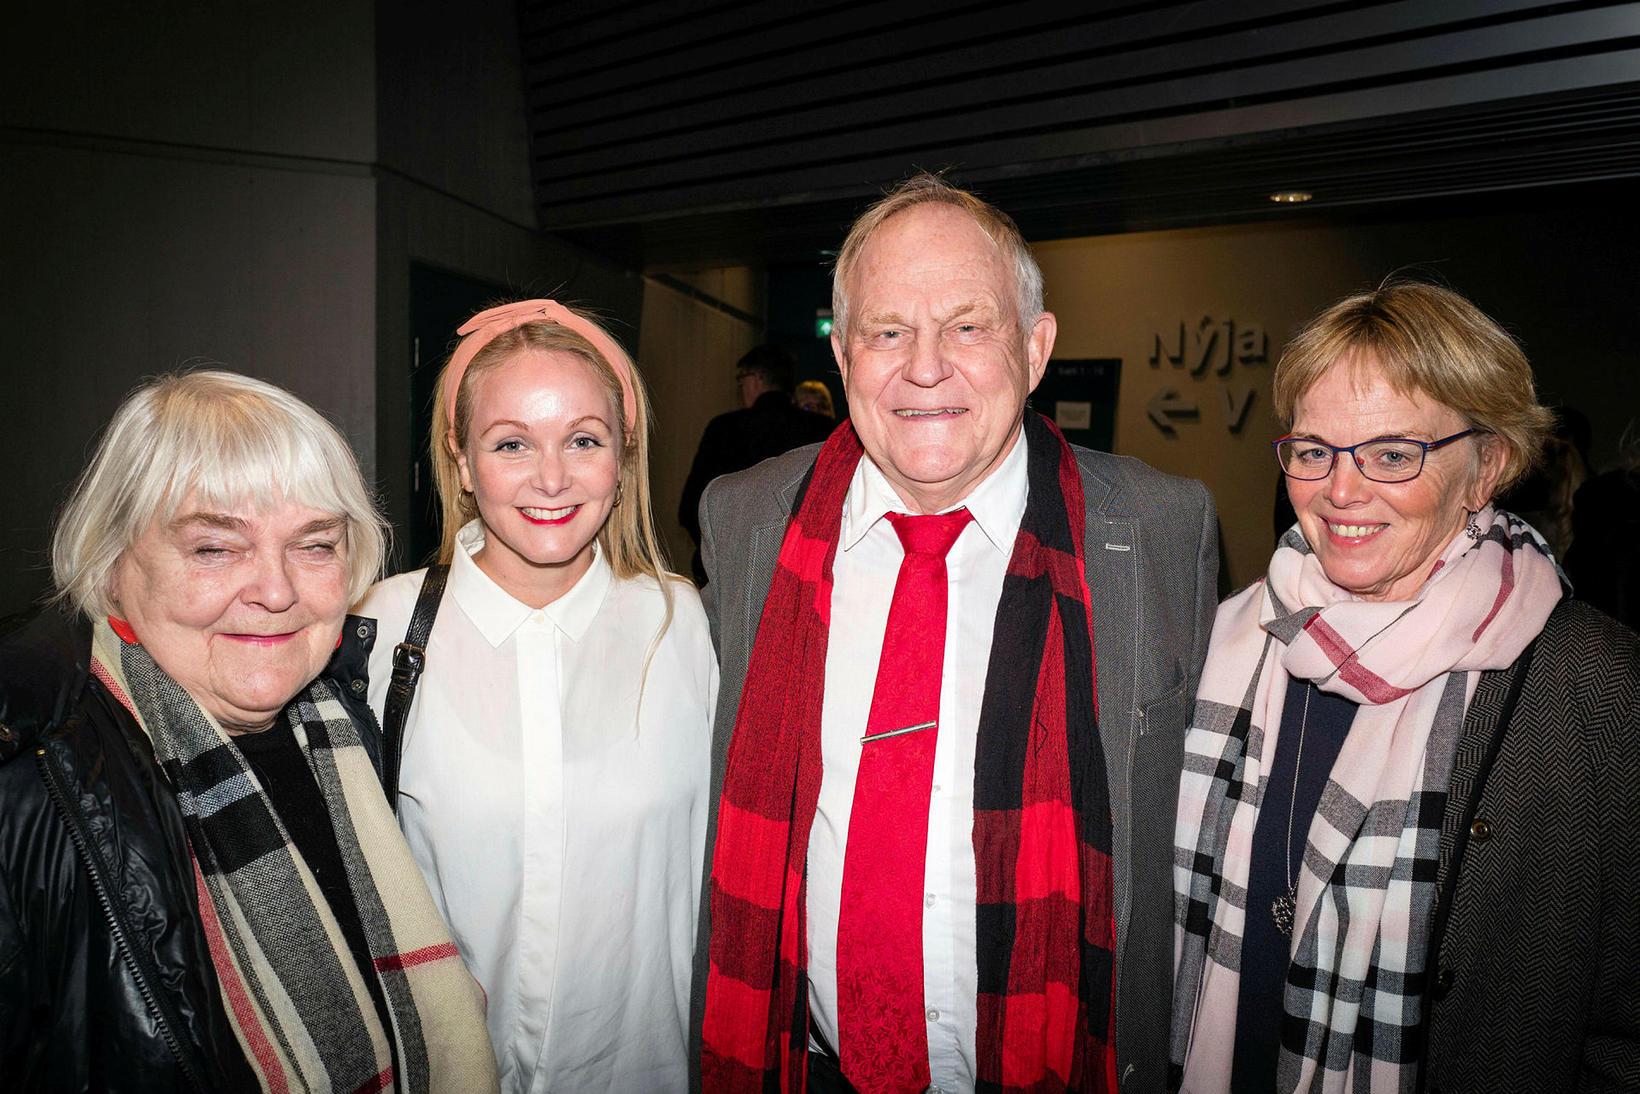 Ragna Sigrún Sveinsdóttir, Rán Ingvarsdóttir, Benedikt Sveinsson og Ragnhildur Jóhannsdóttir.